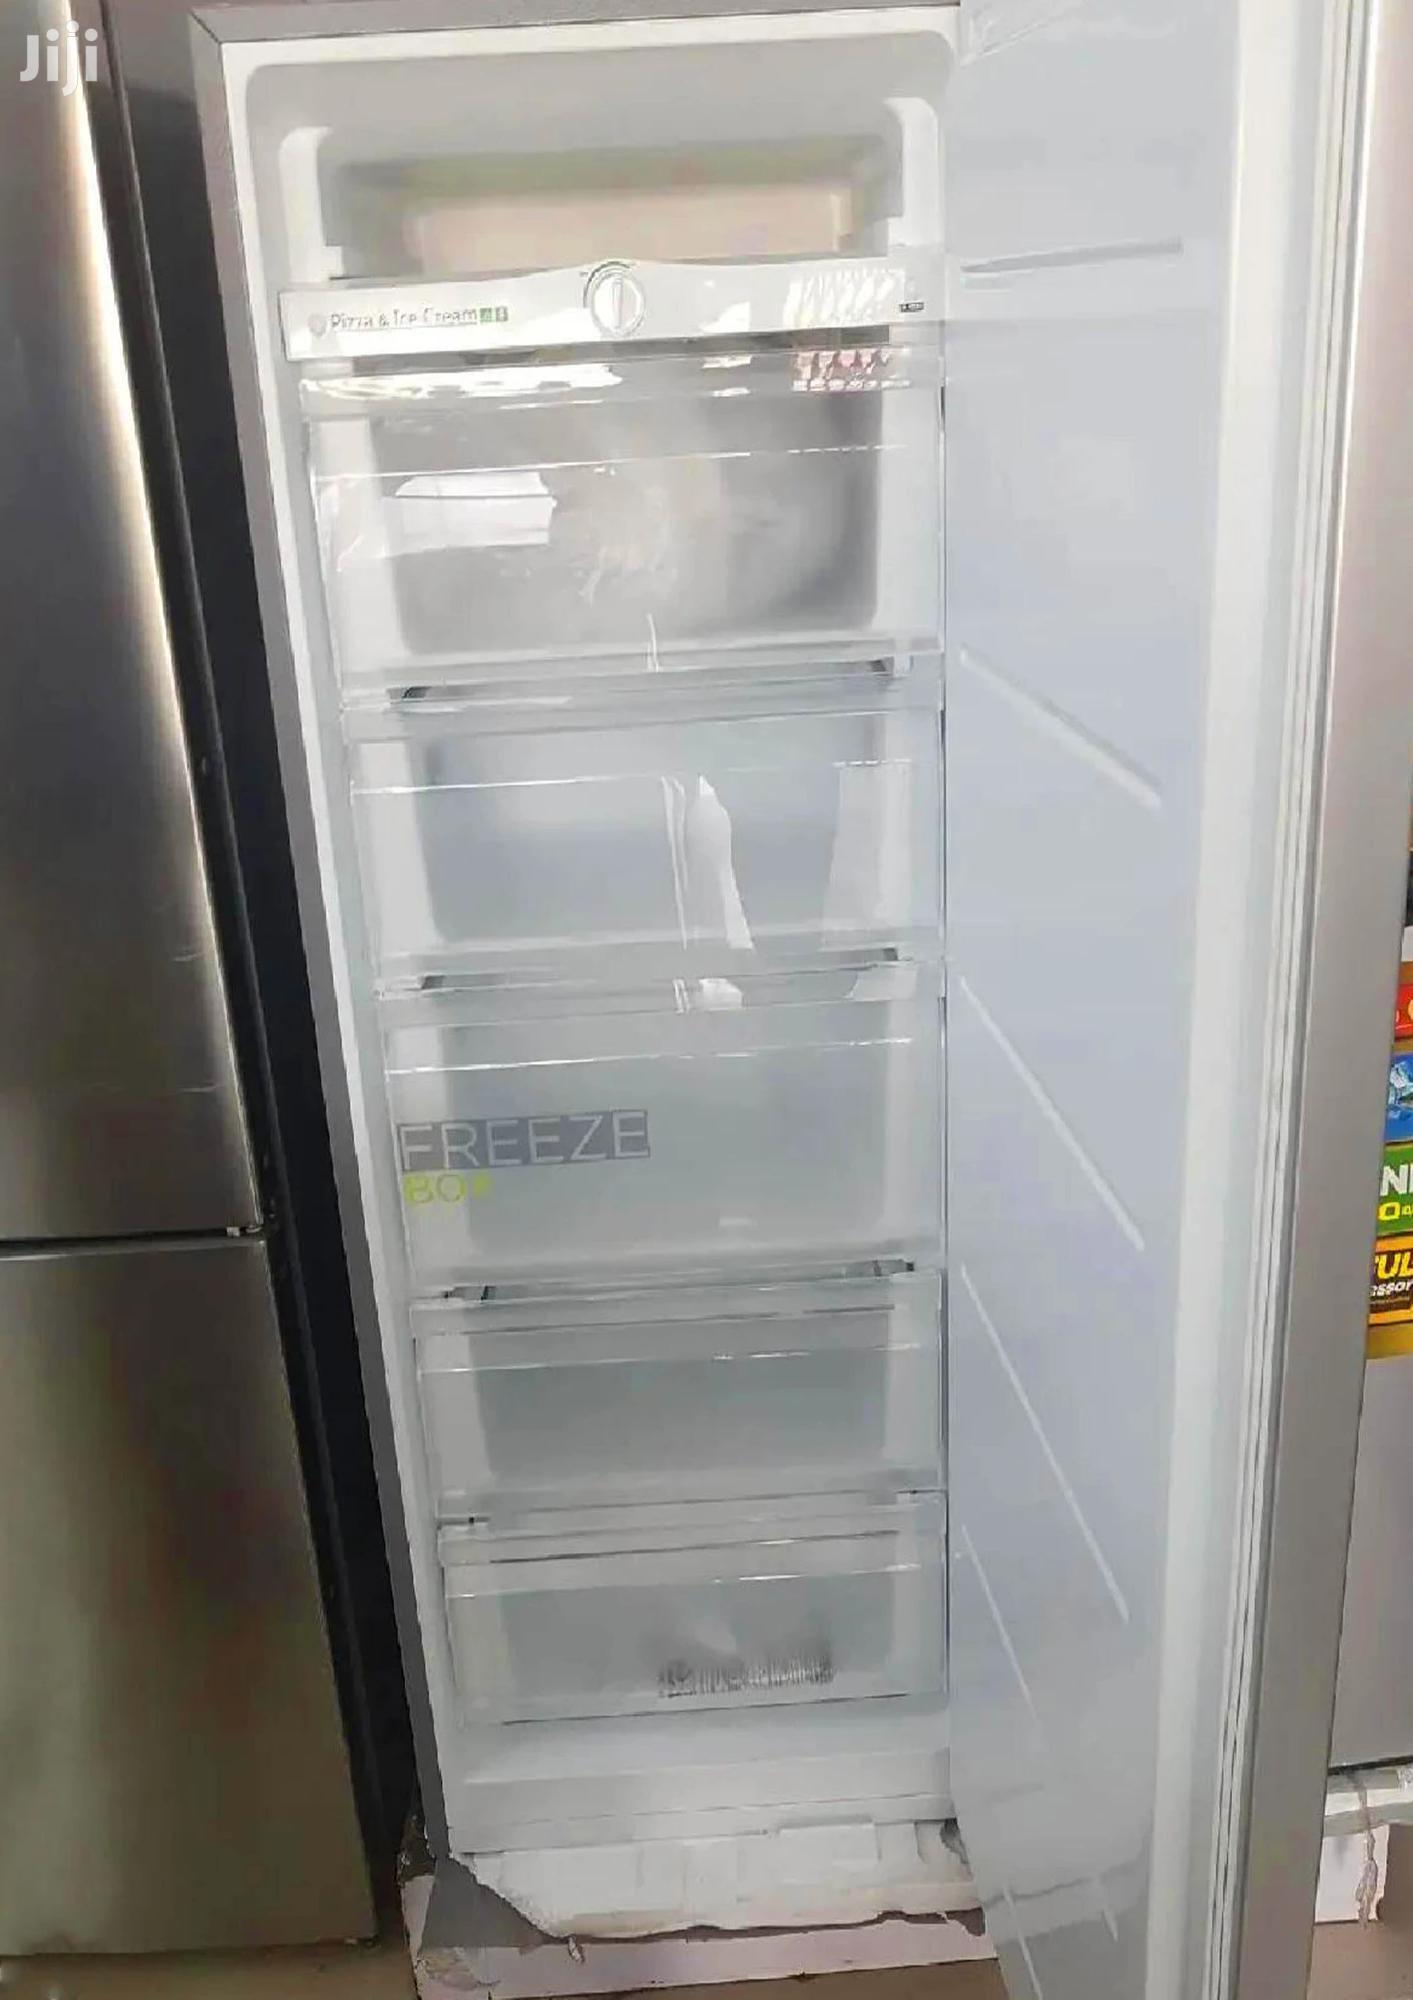 165 Liters Midea Standing Freezer